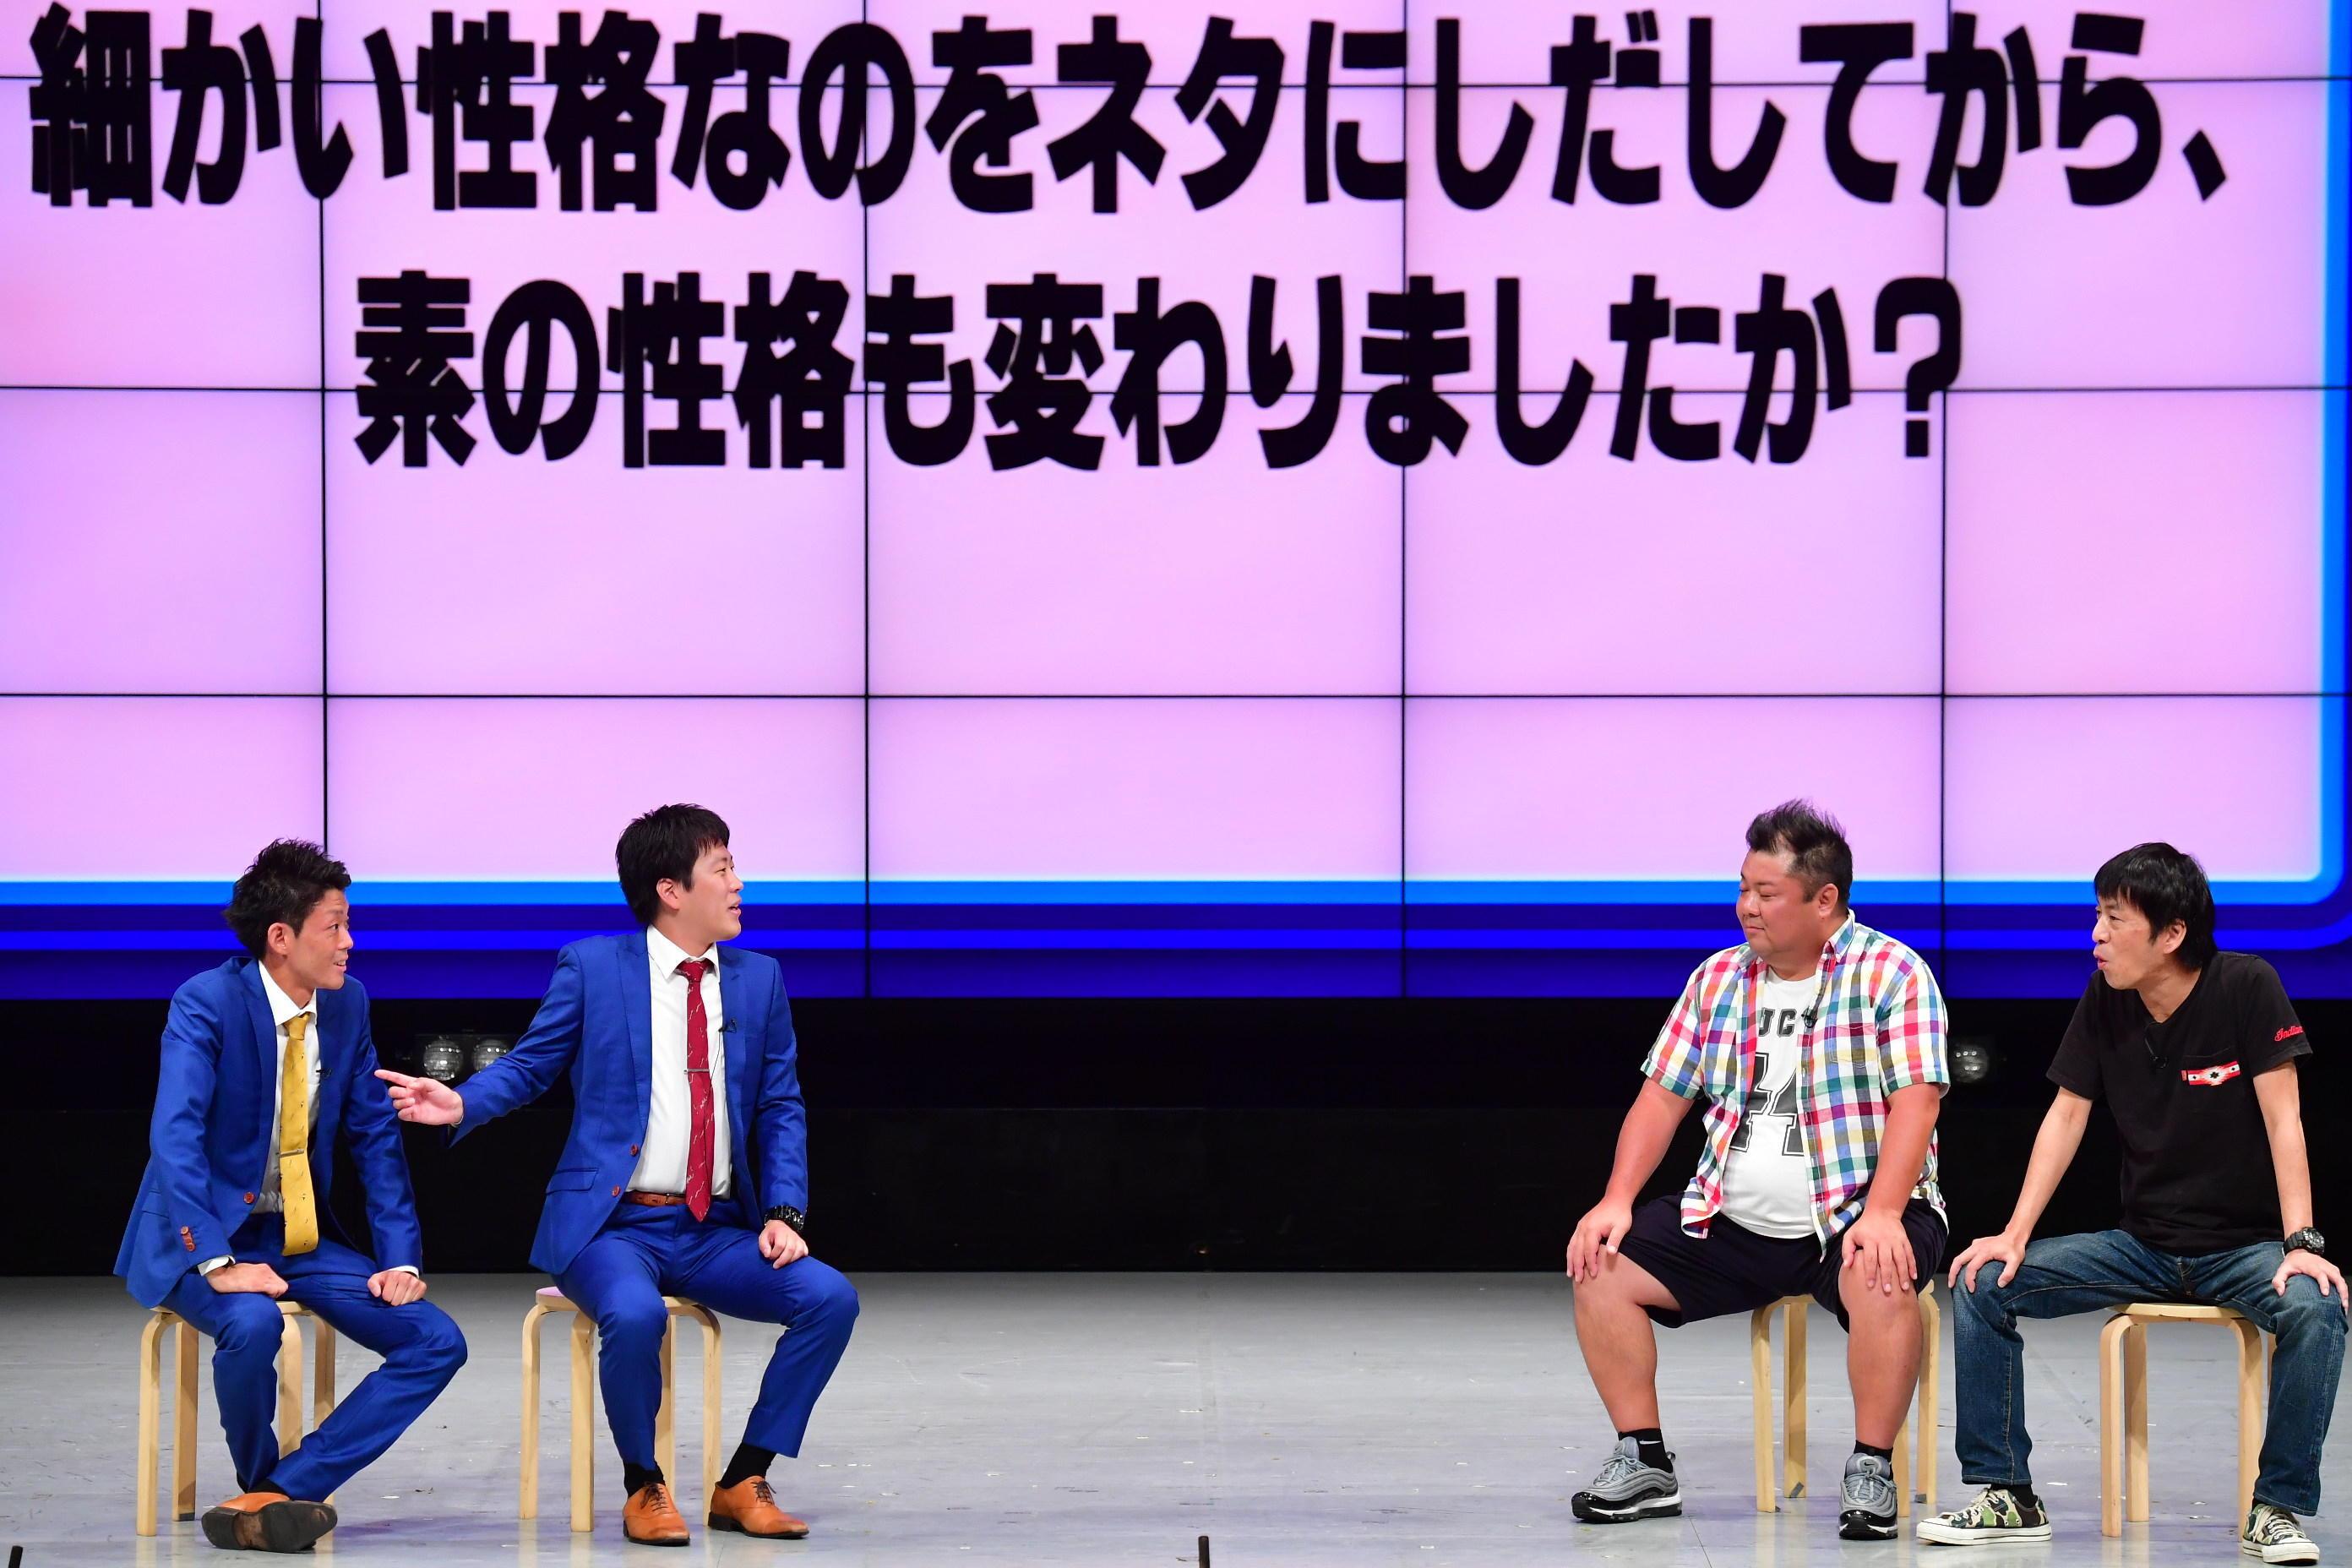 http://news.yoshimoto.co.jp/20180829234649-613af9b661c84443b1982233e4a3cb06f27a5d11.jpg